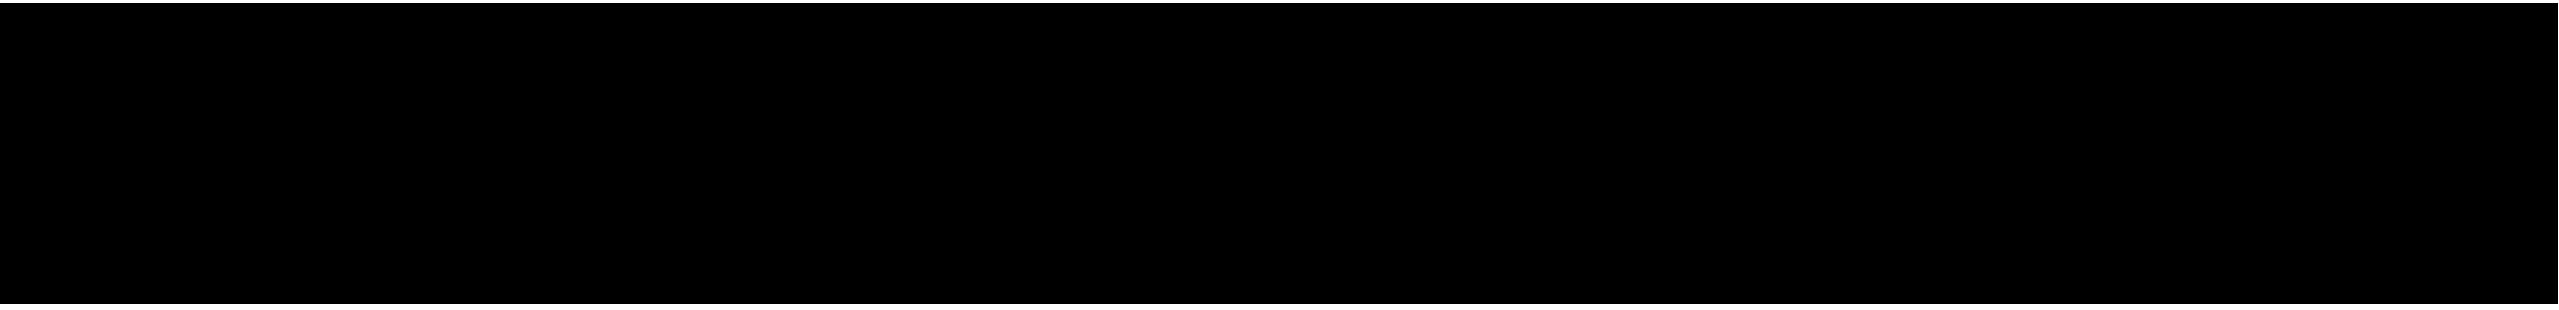 Vodrich